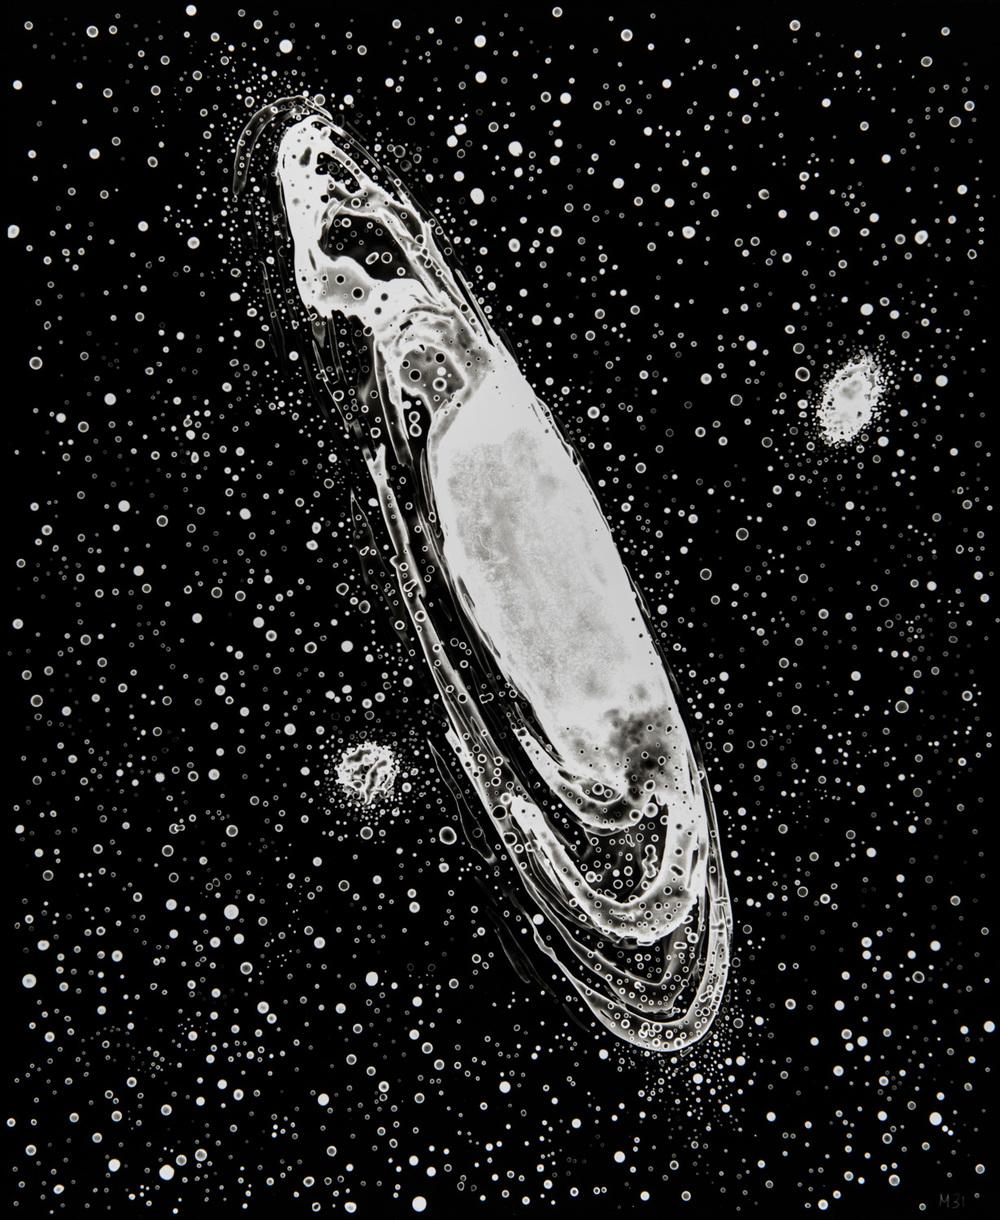 M31, 2013, cliché-verre,17 x 14 inches